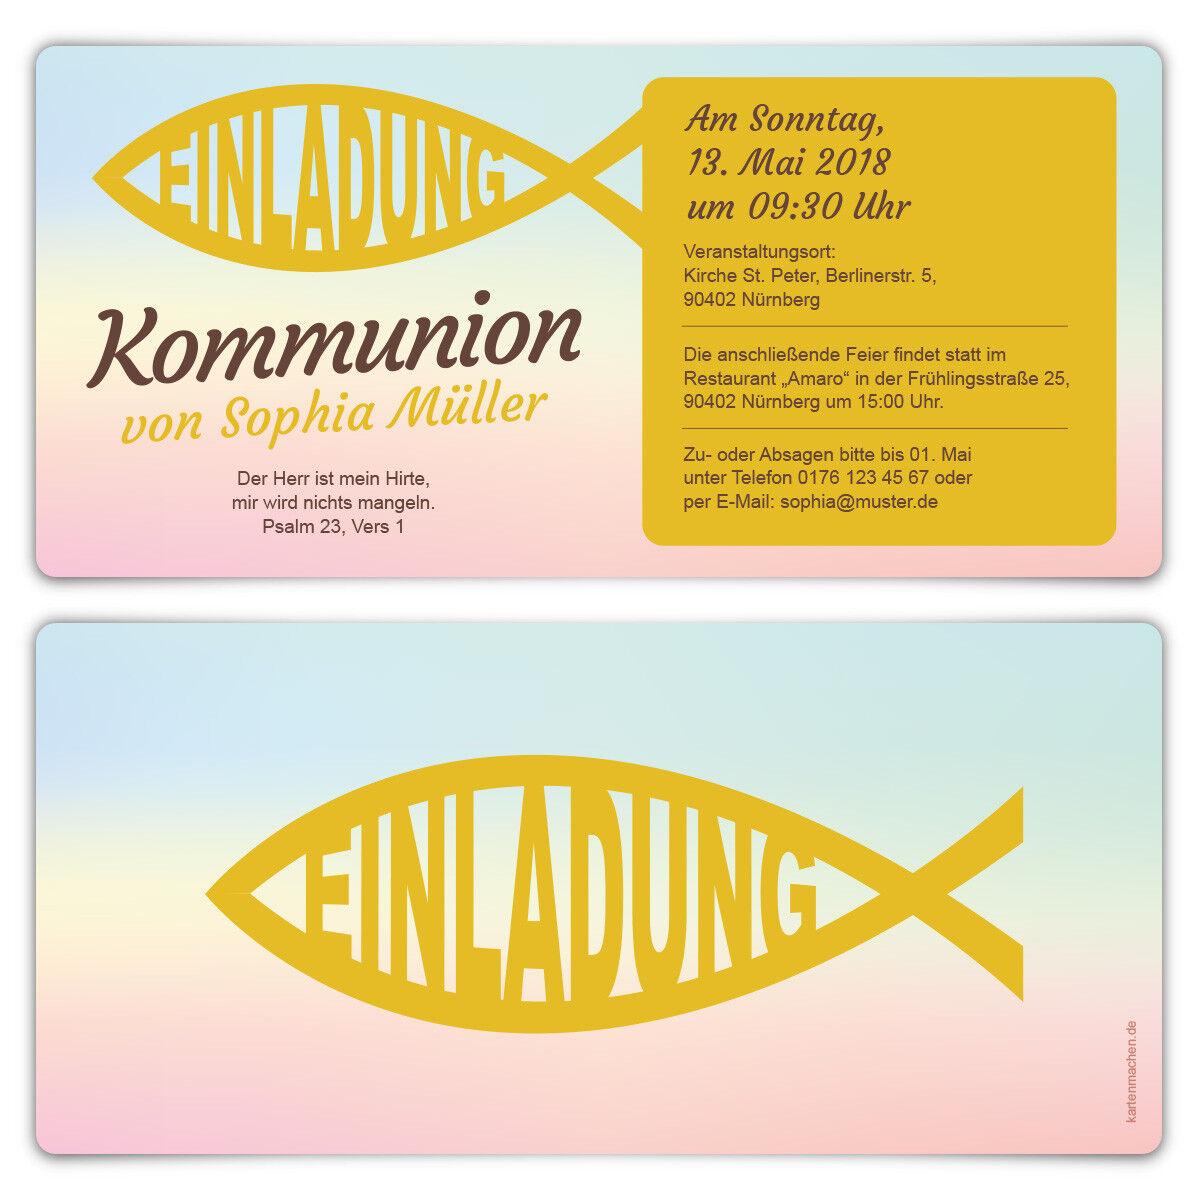 Kommunion Kommunion Kommunion Einladungskarte Kommunionseinladung Kommunionskarte Bunter Jesus Fisch 70df29